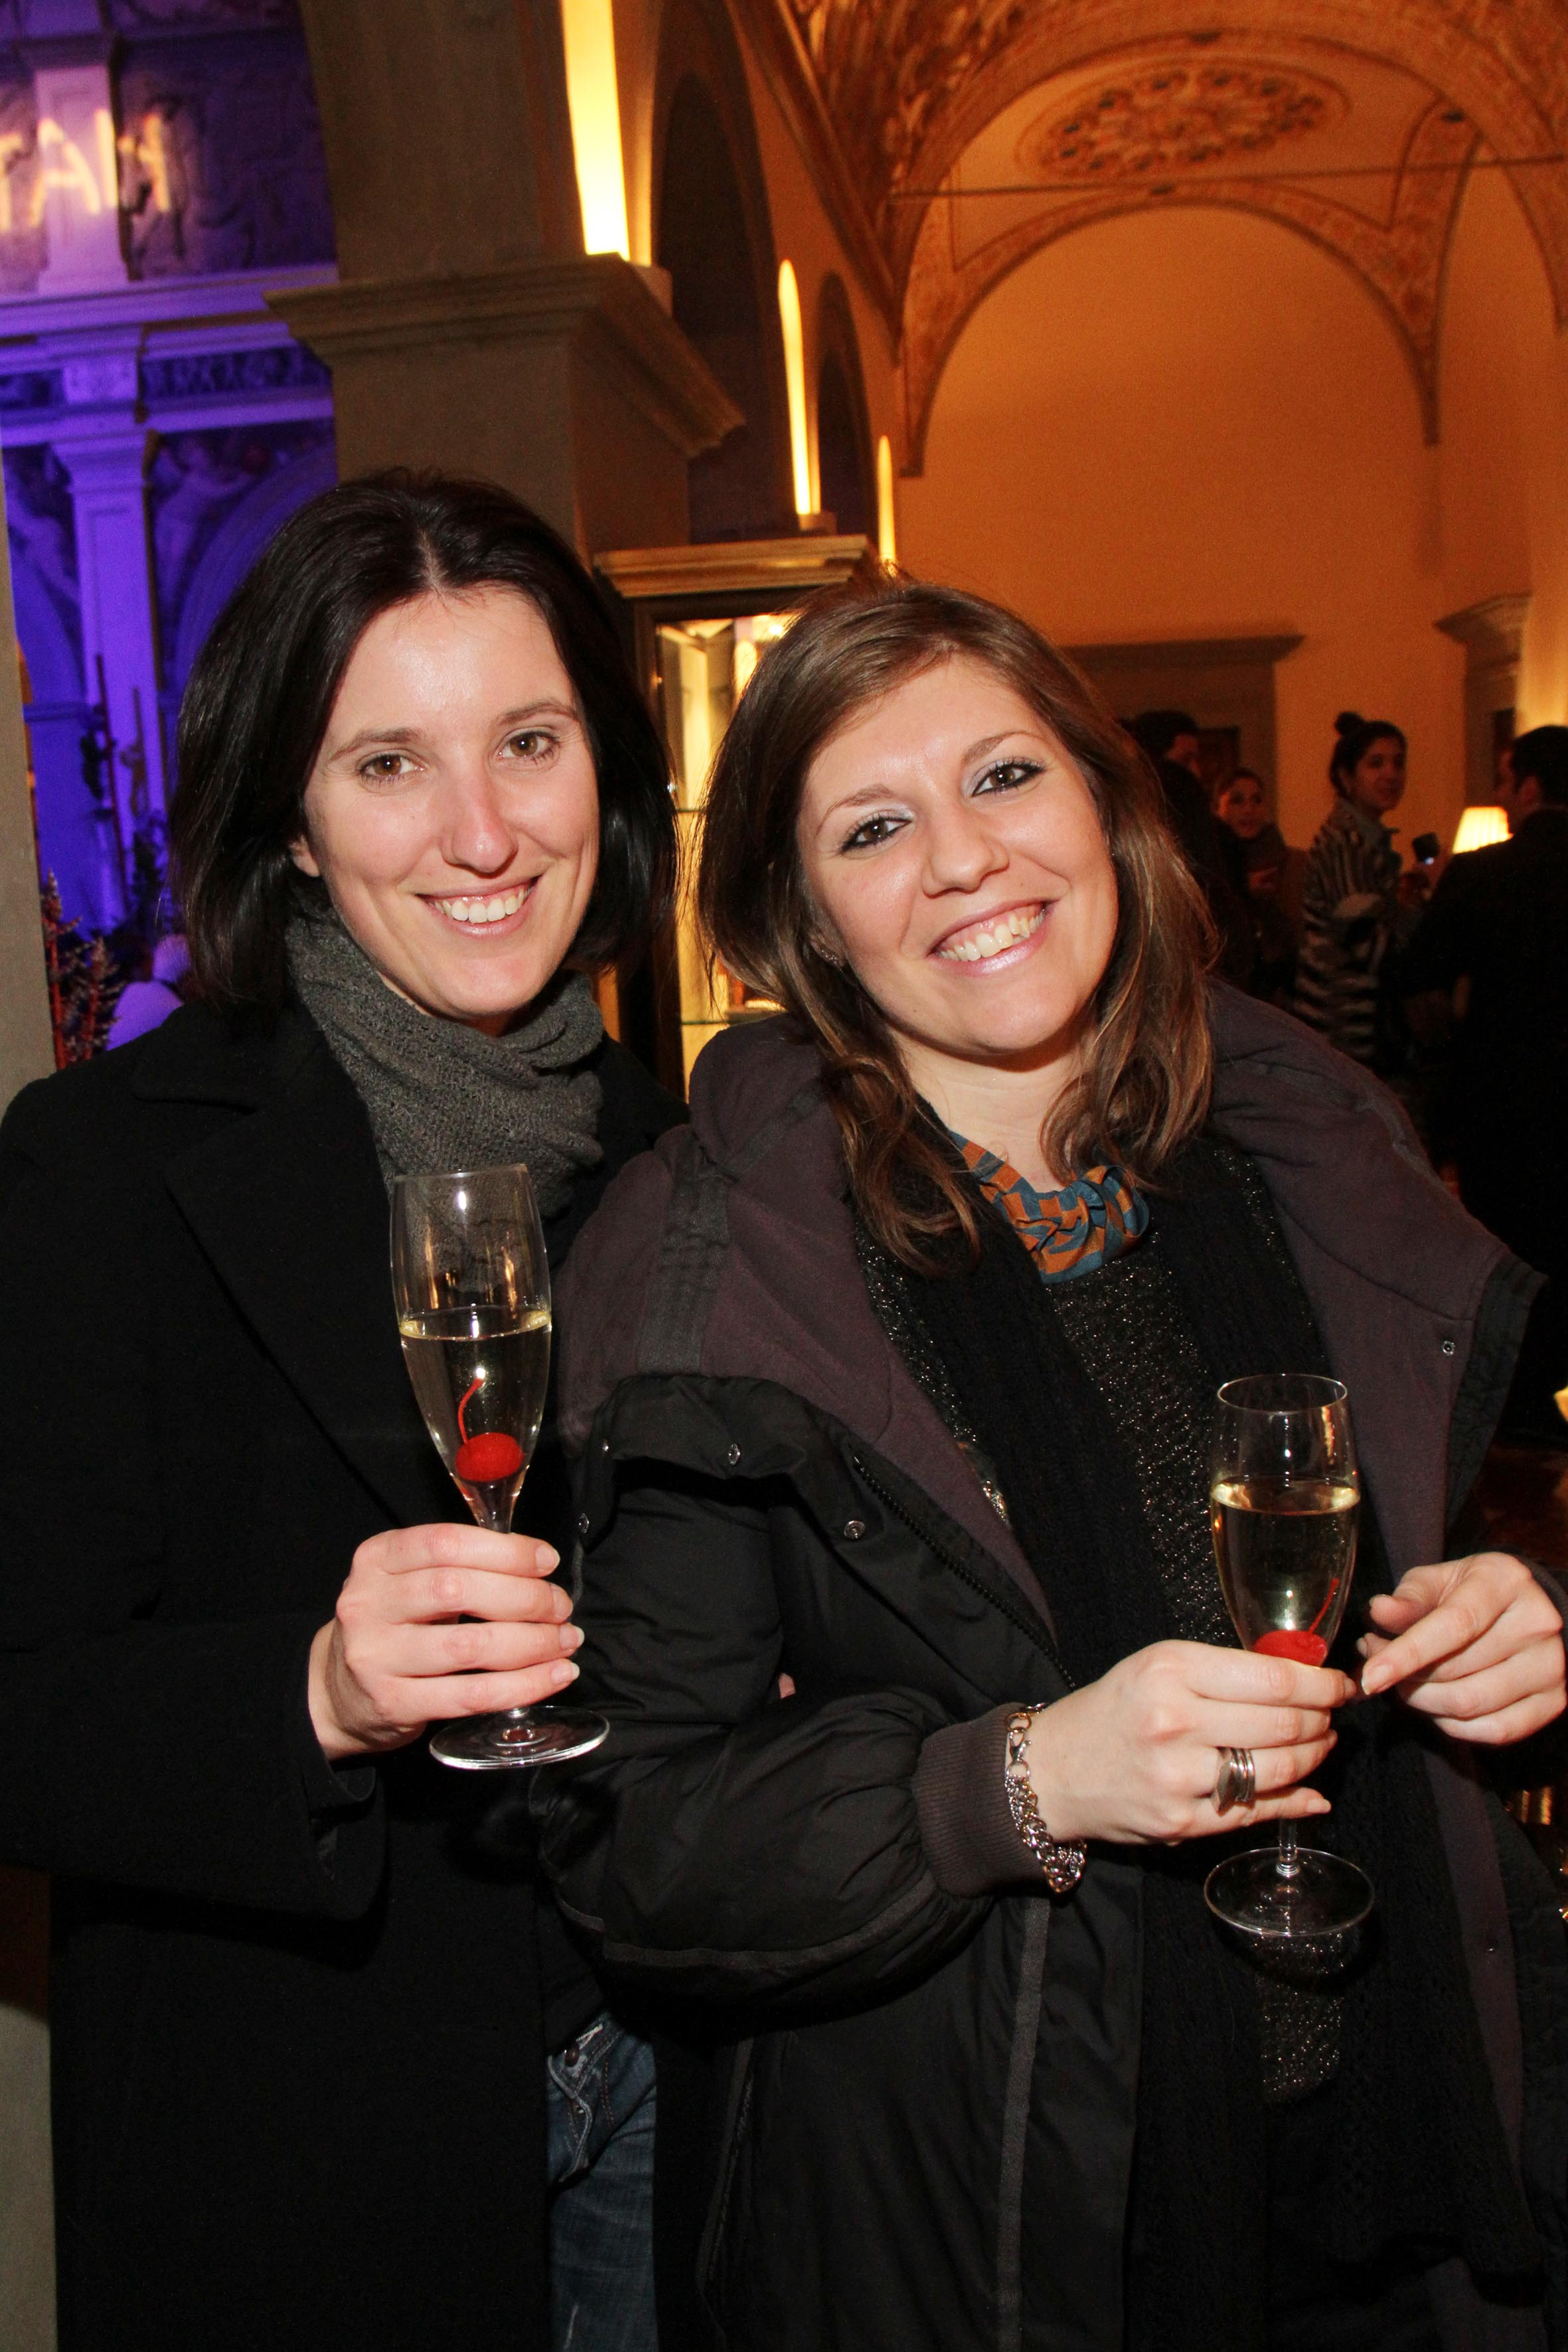 PRESSPHOTO Firenze,  Four Seasons, evento Metropolitan. Nella foto Tiziana Perrucci e Cecilia Fagnoni  foto Giuseppe Cabras/New Press Photo